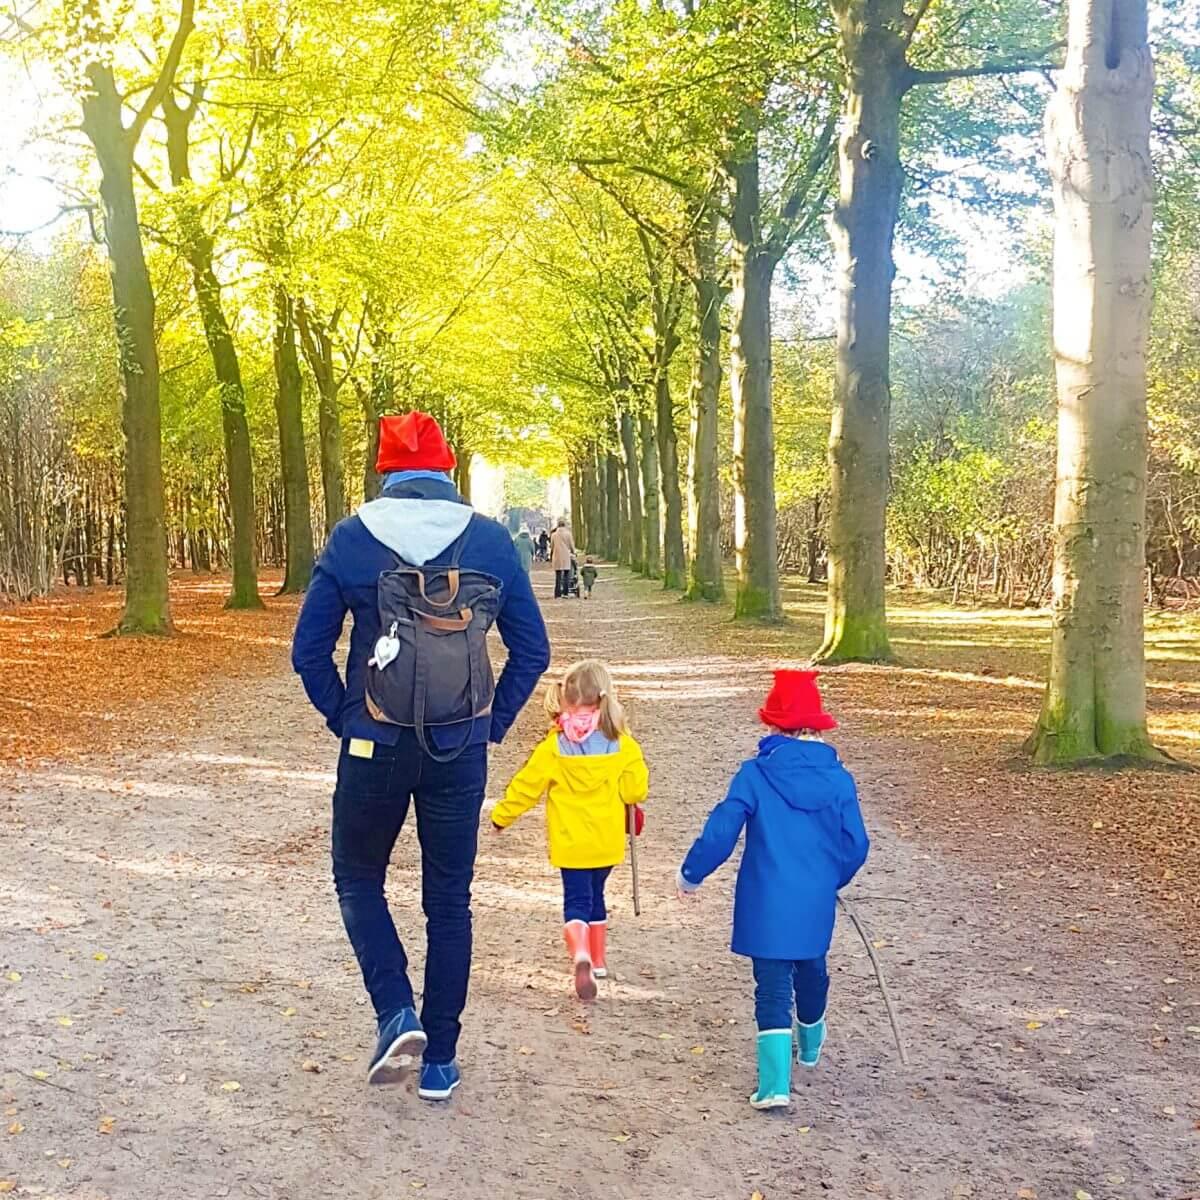 Uitje met kids: kabouterpad wandelen